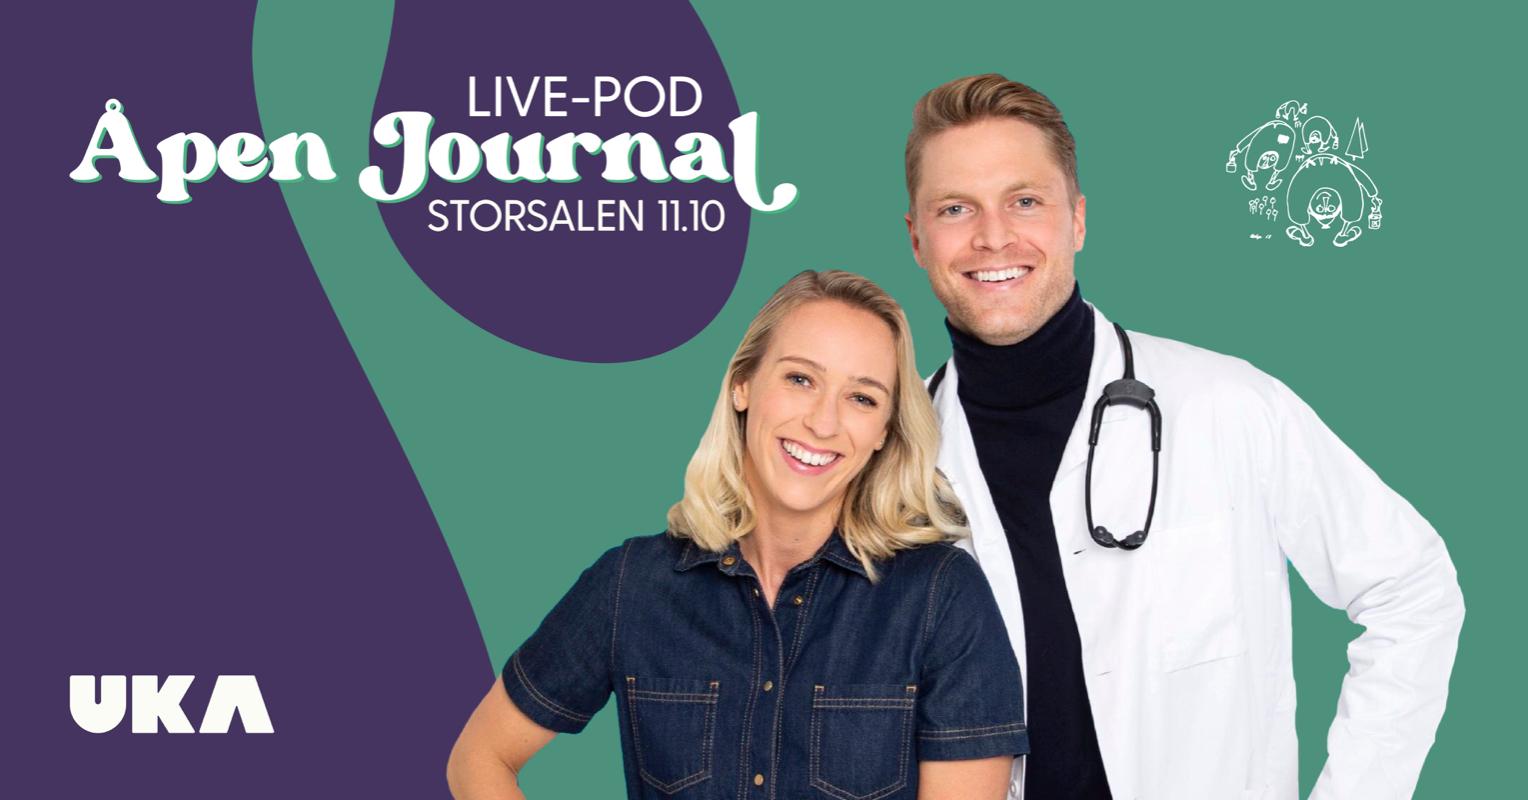 Åpen Journal live-pod